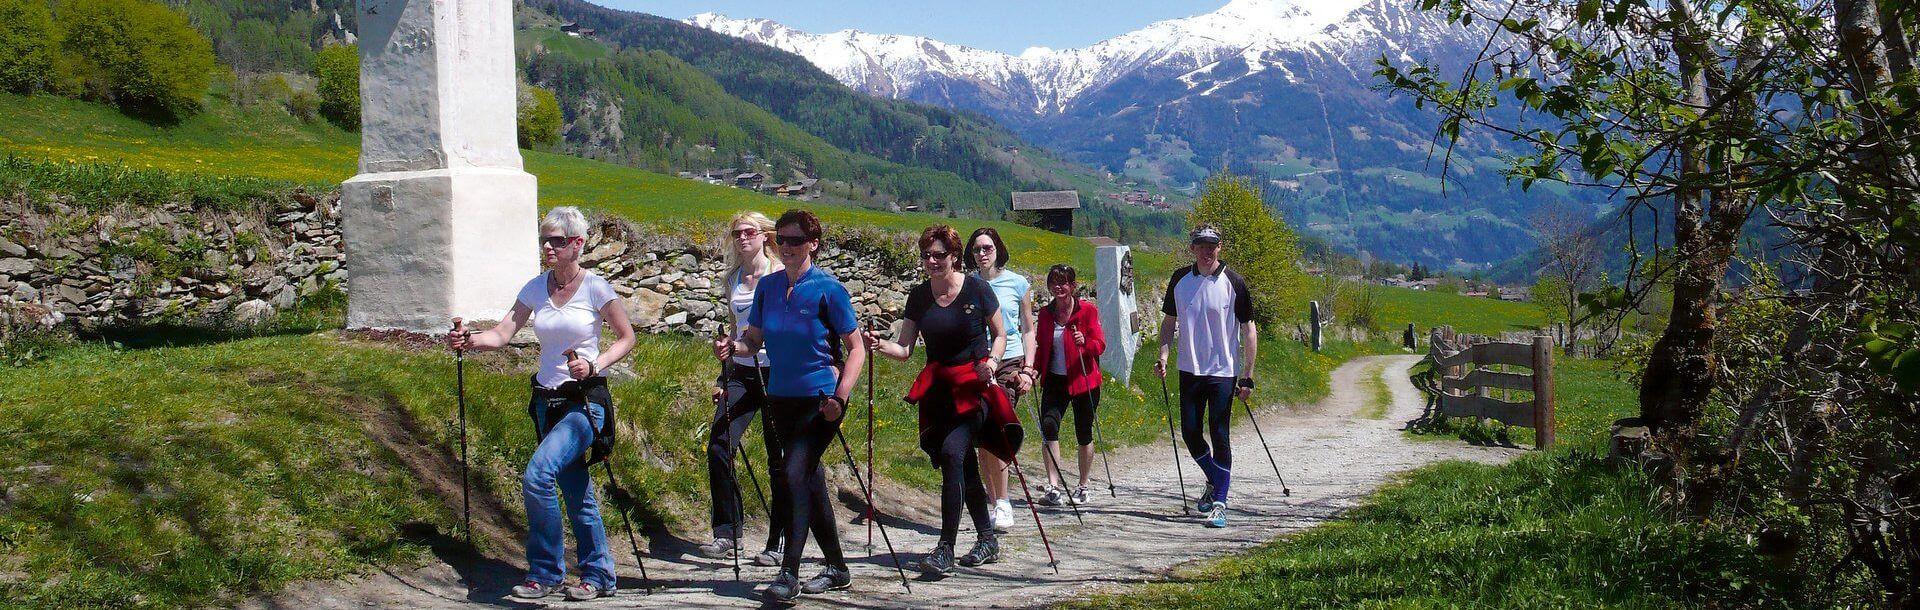 Nordic Walking in Osttirol - Gesund und Fit in den Alpen   © Fa. Profer & Partner